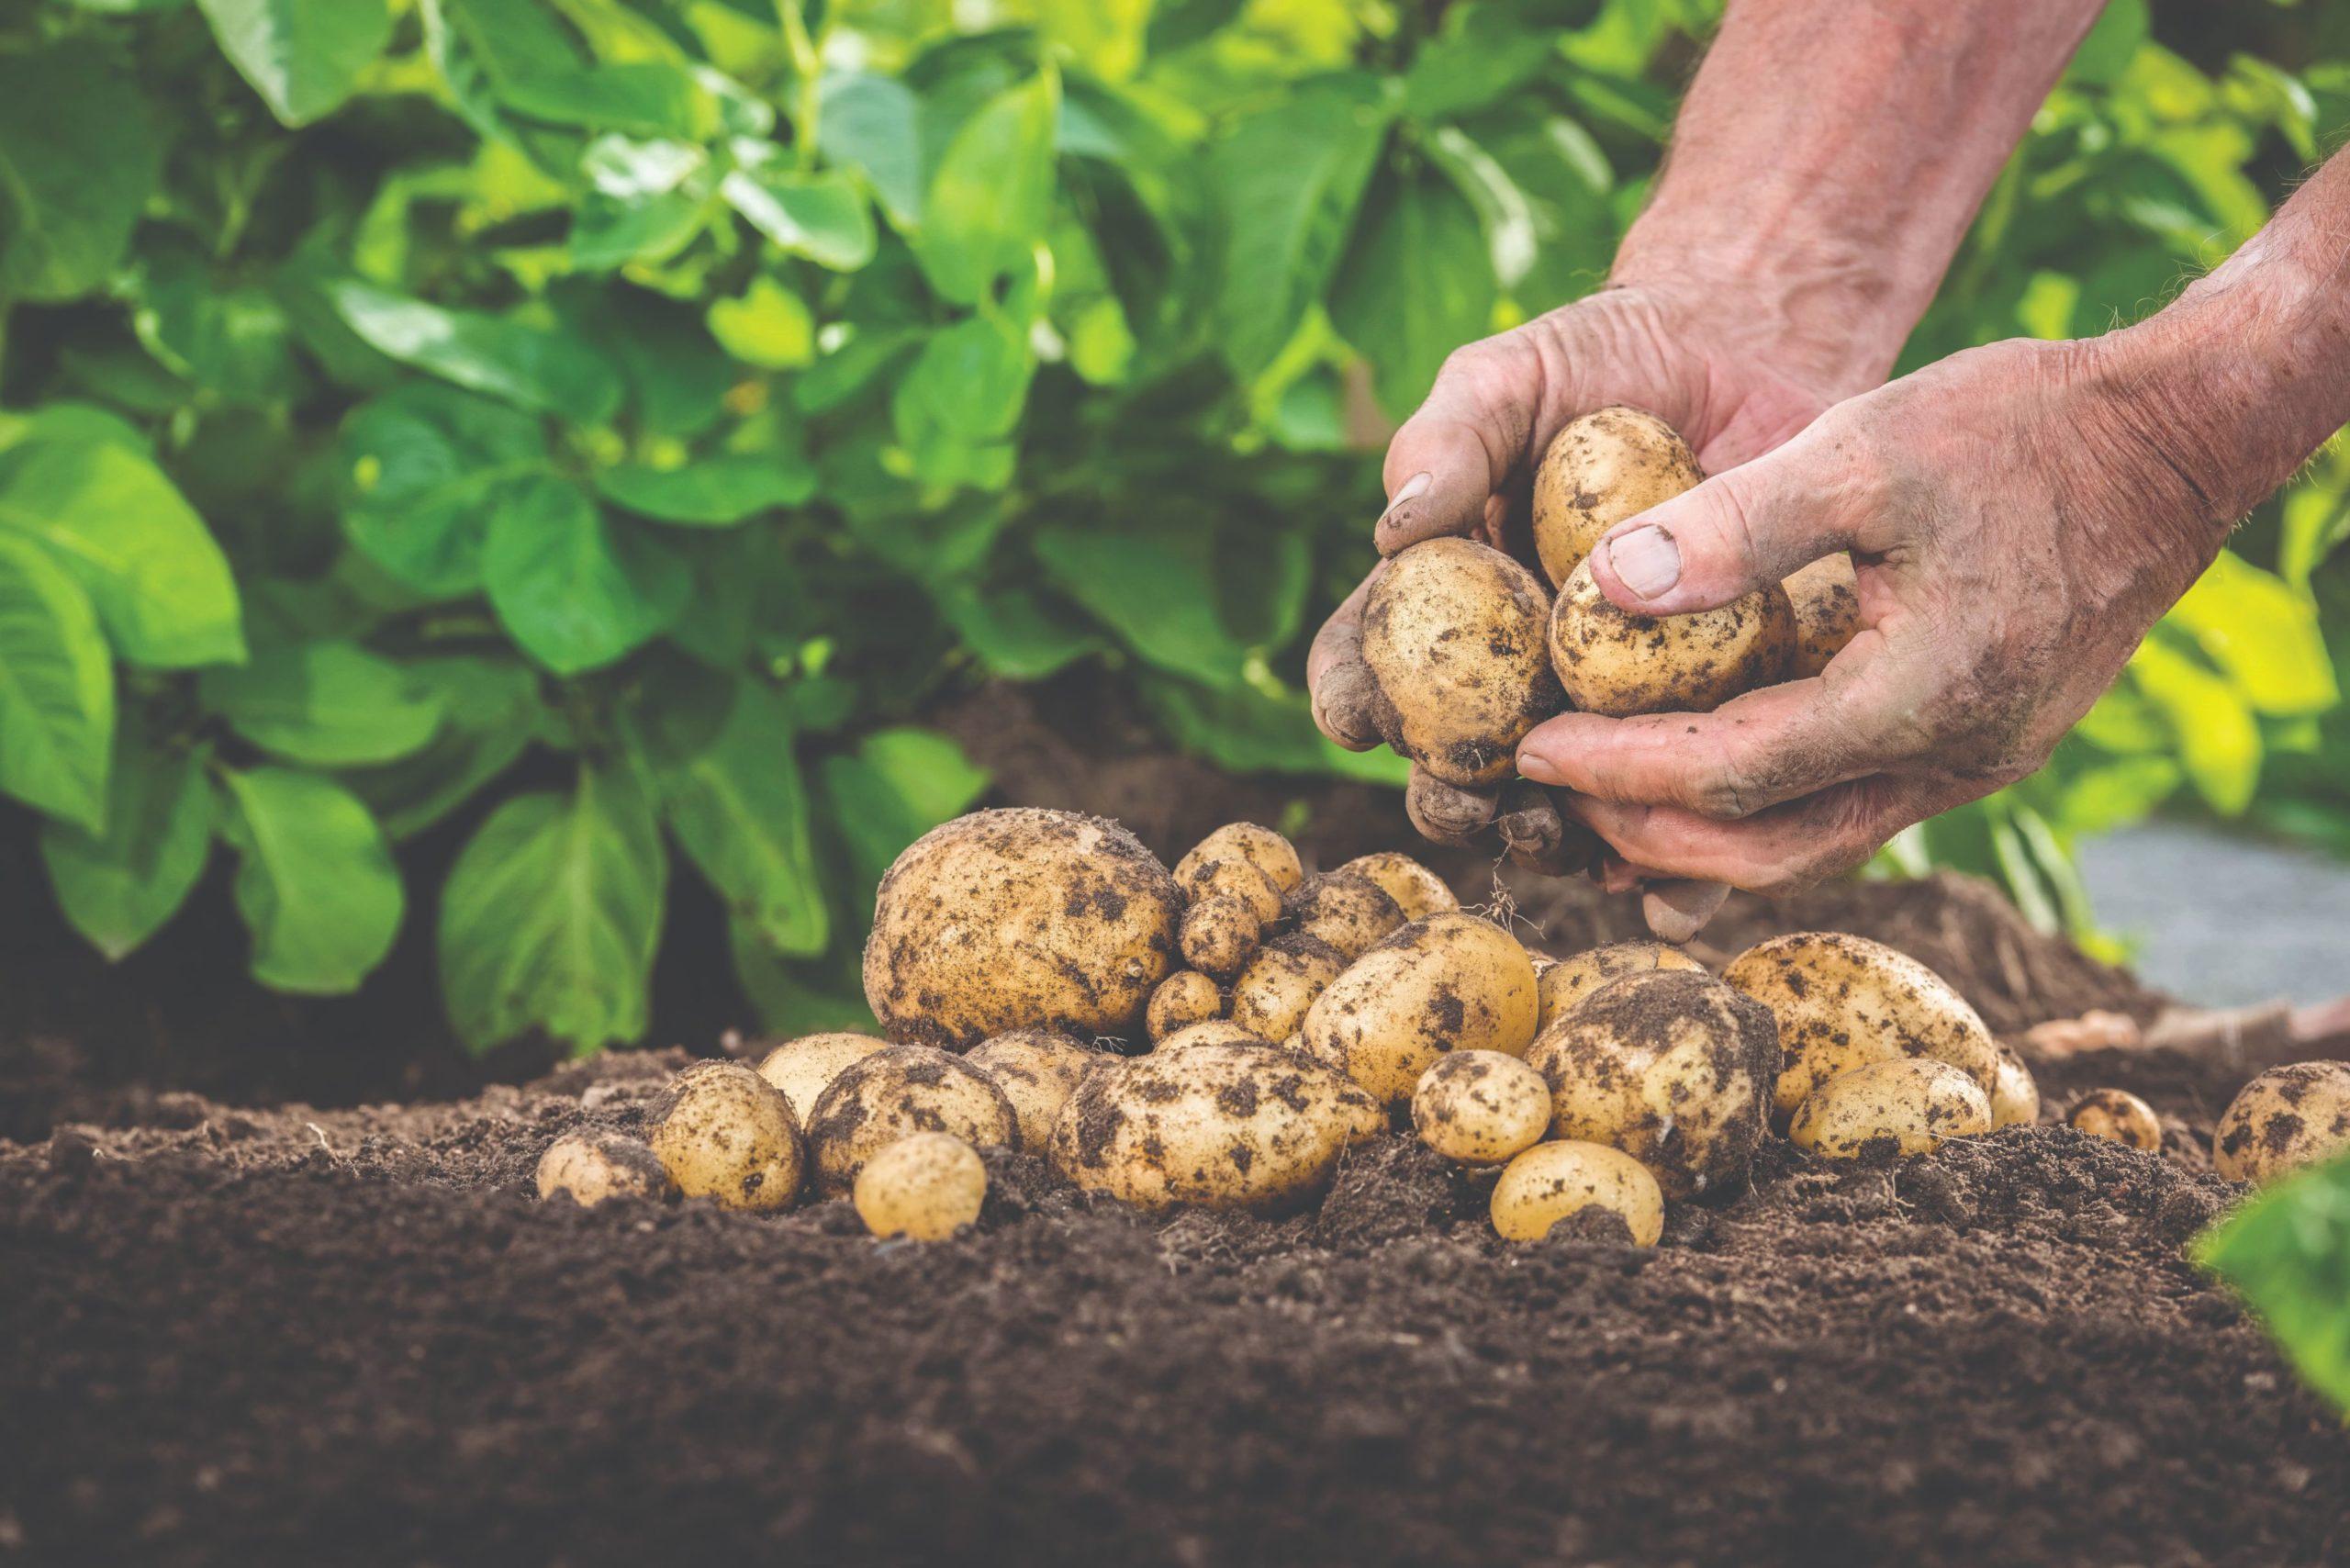 velike ljetne vrućine i krumpir prooizvodnja krumpira